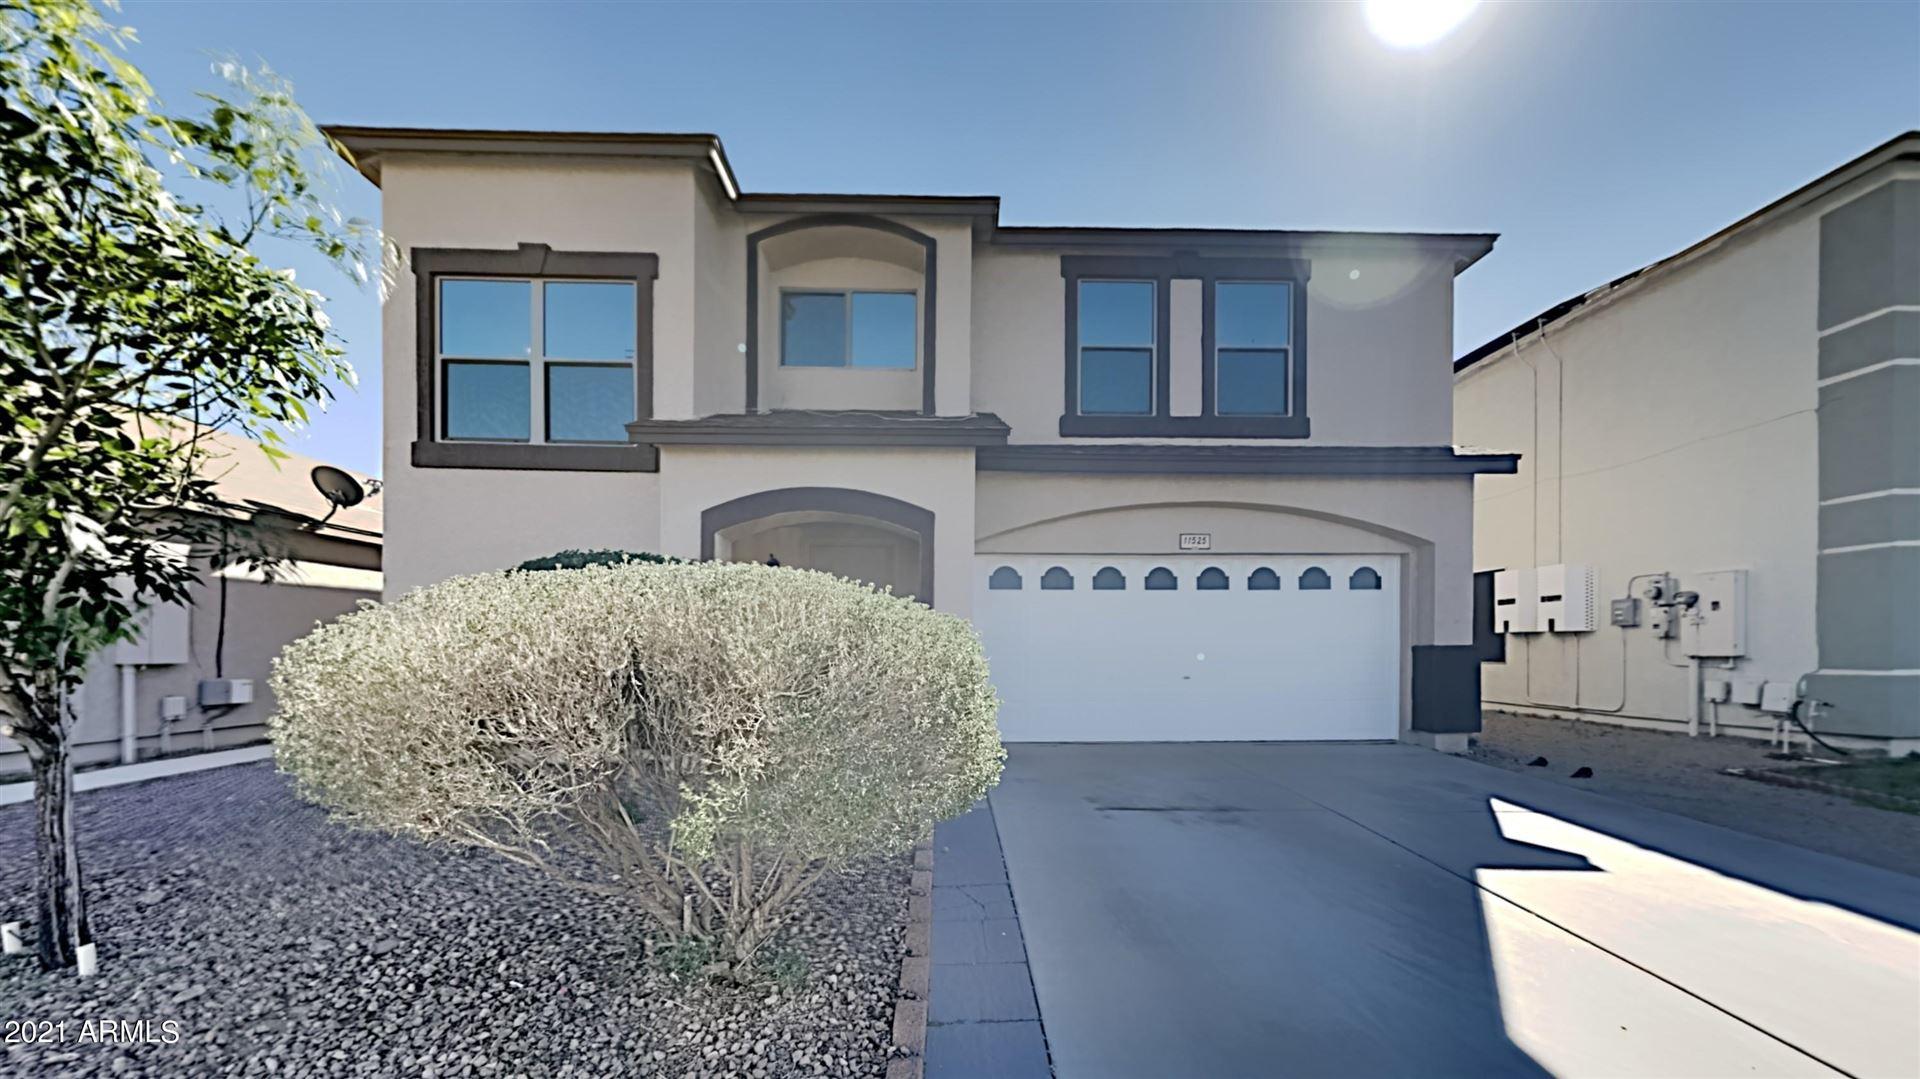 Photo of 11525 W FLORES Drive, El Mirage, AZ 85335 (MLS # 6197553)